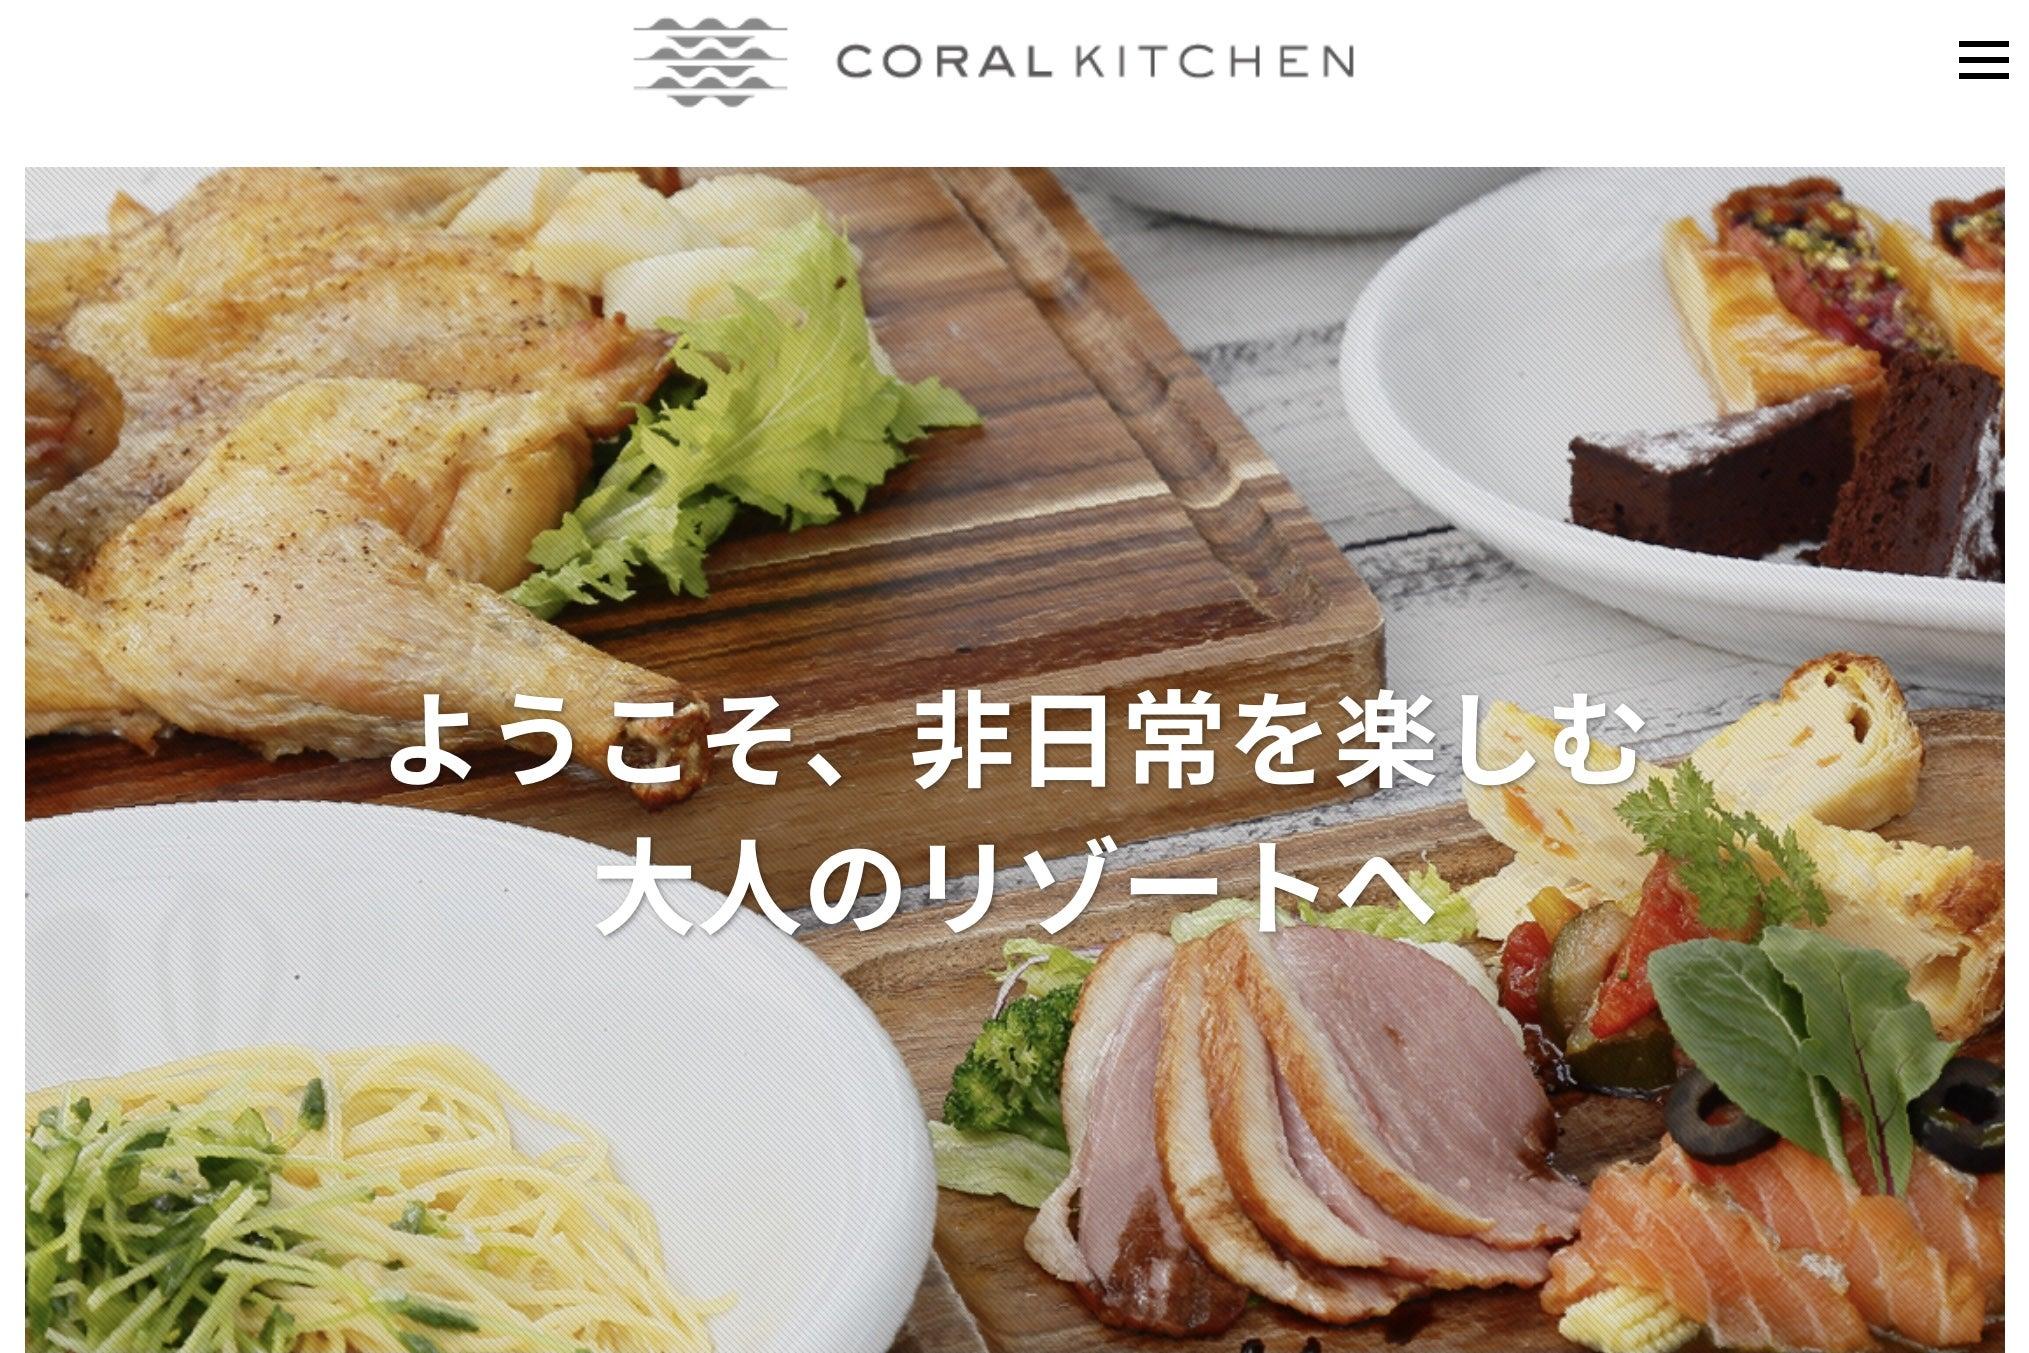 高槻 コーラル キッチン